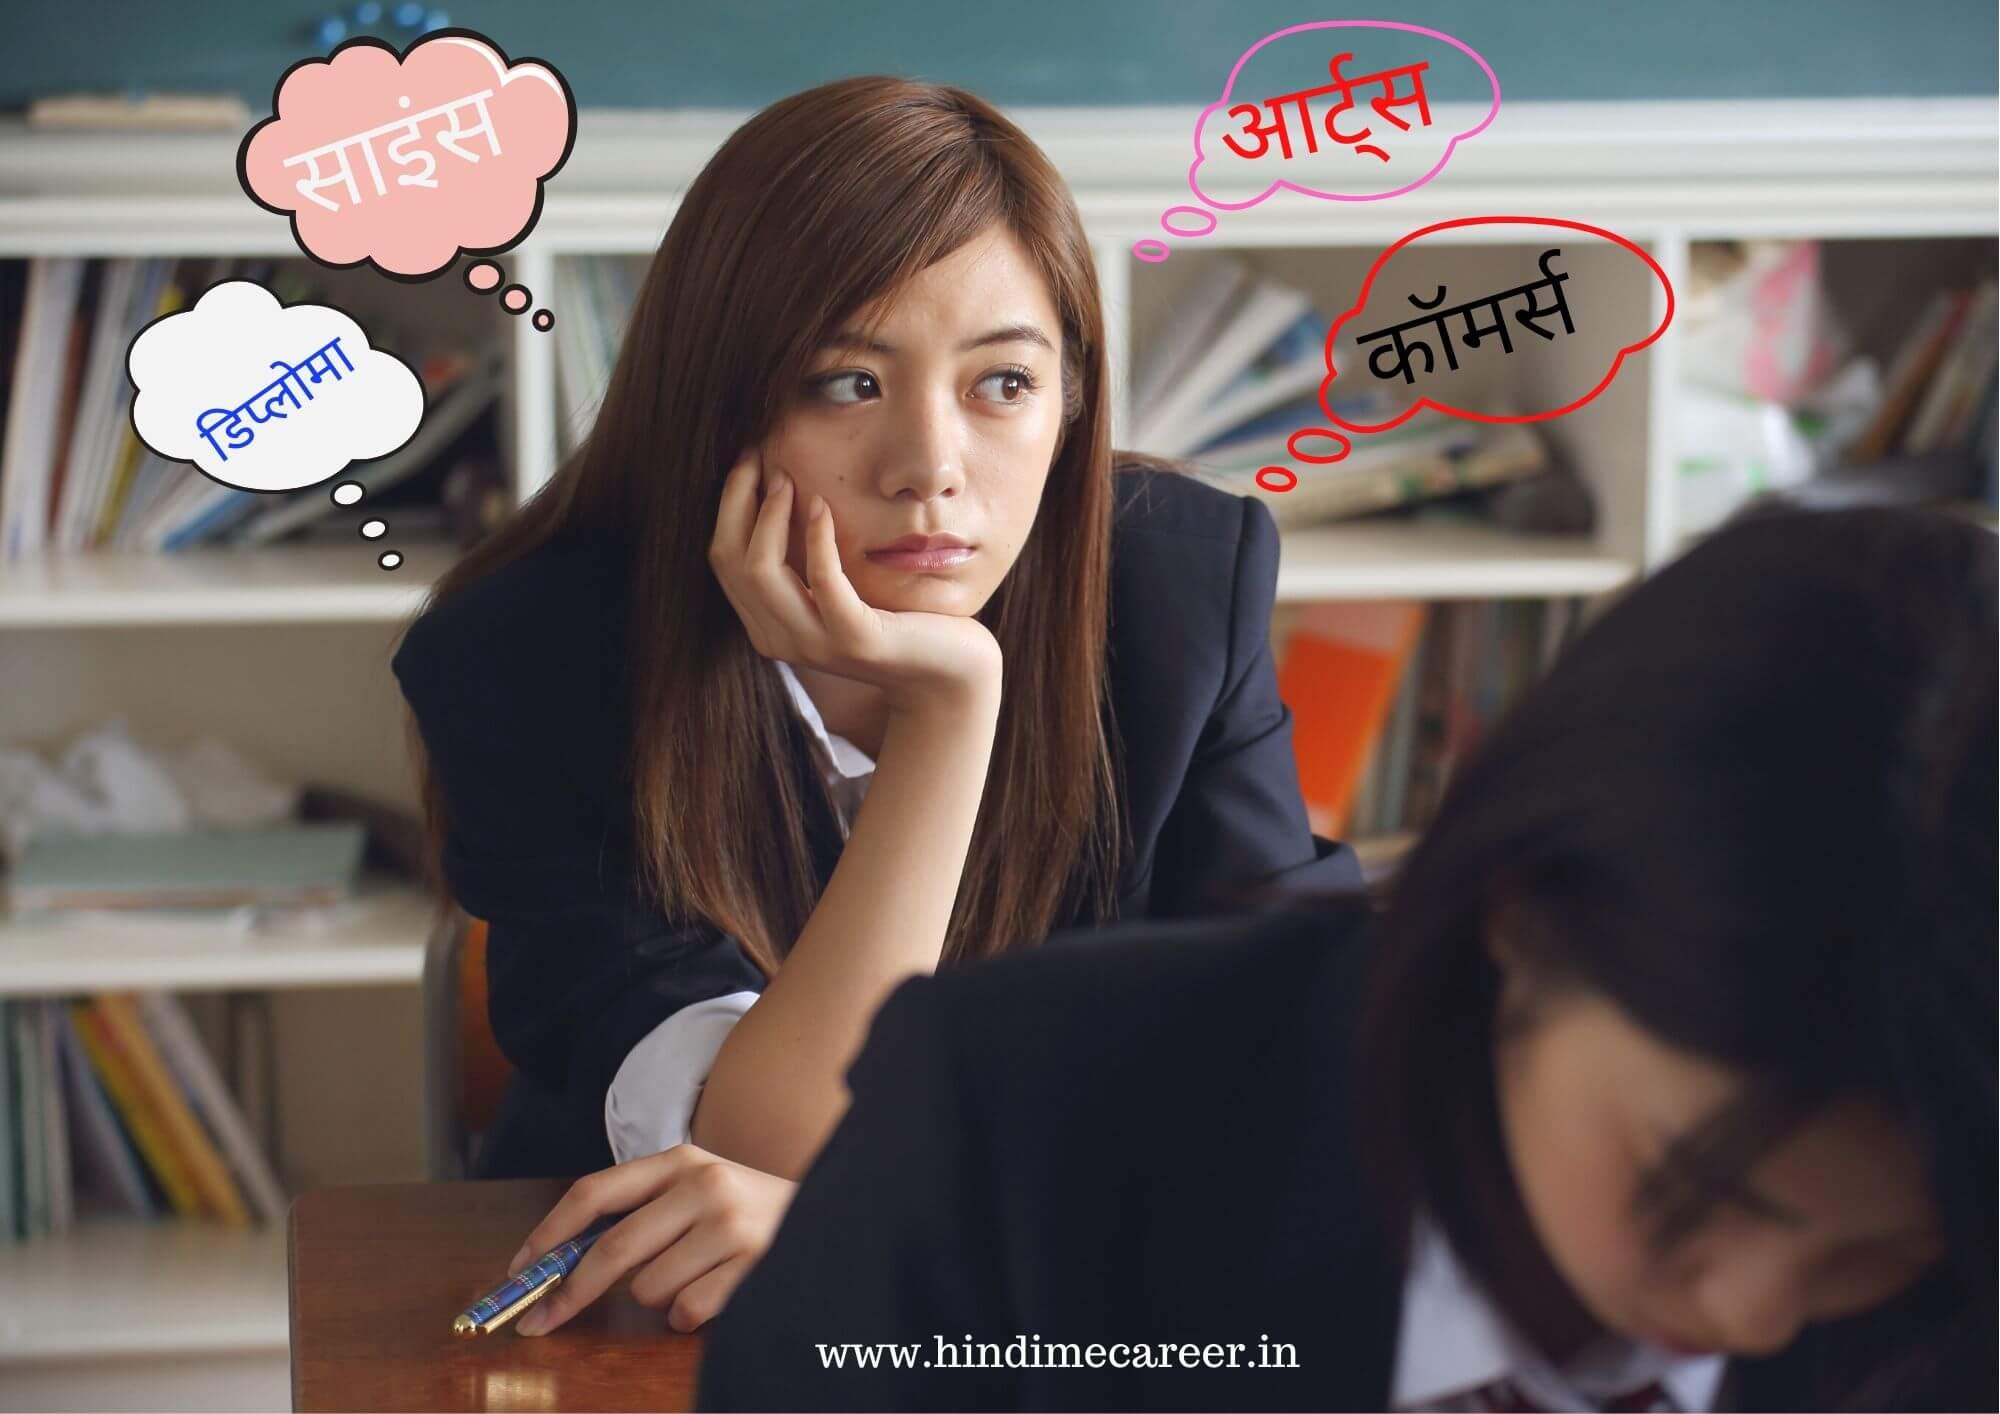 10वी के बाद कैरियर विकल्प- वेतन, कोर्सेस Hindi me career